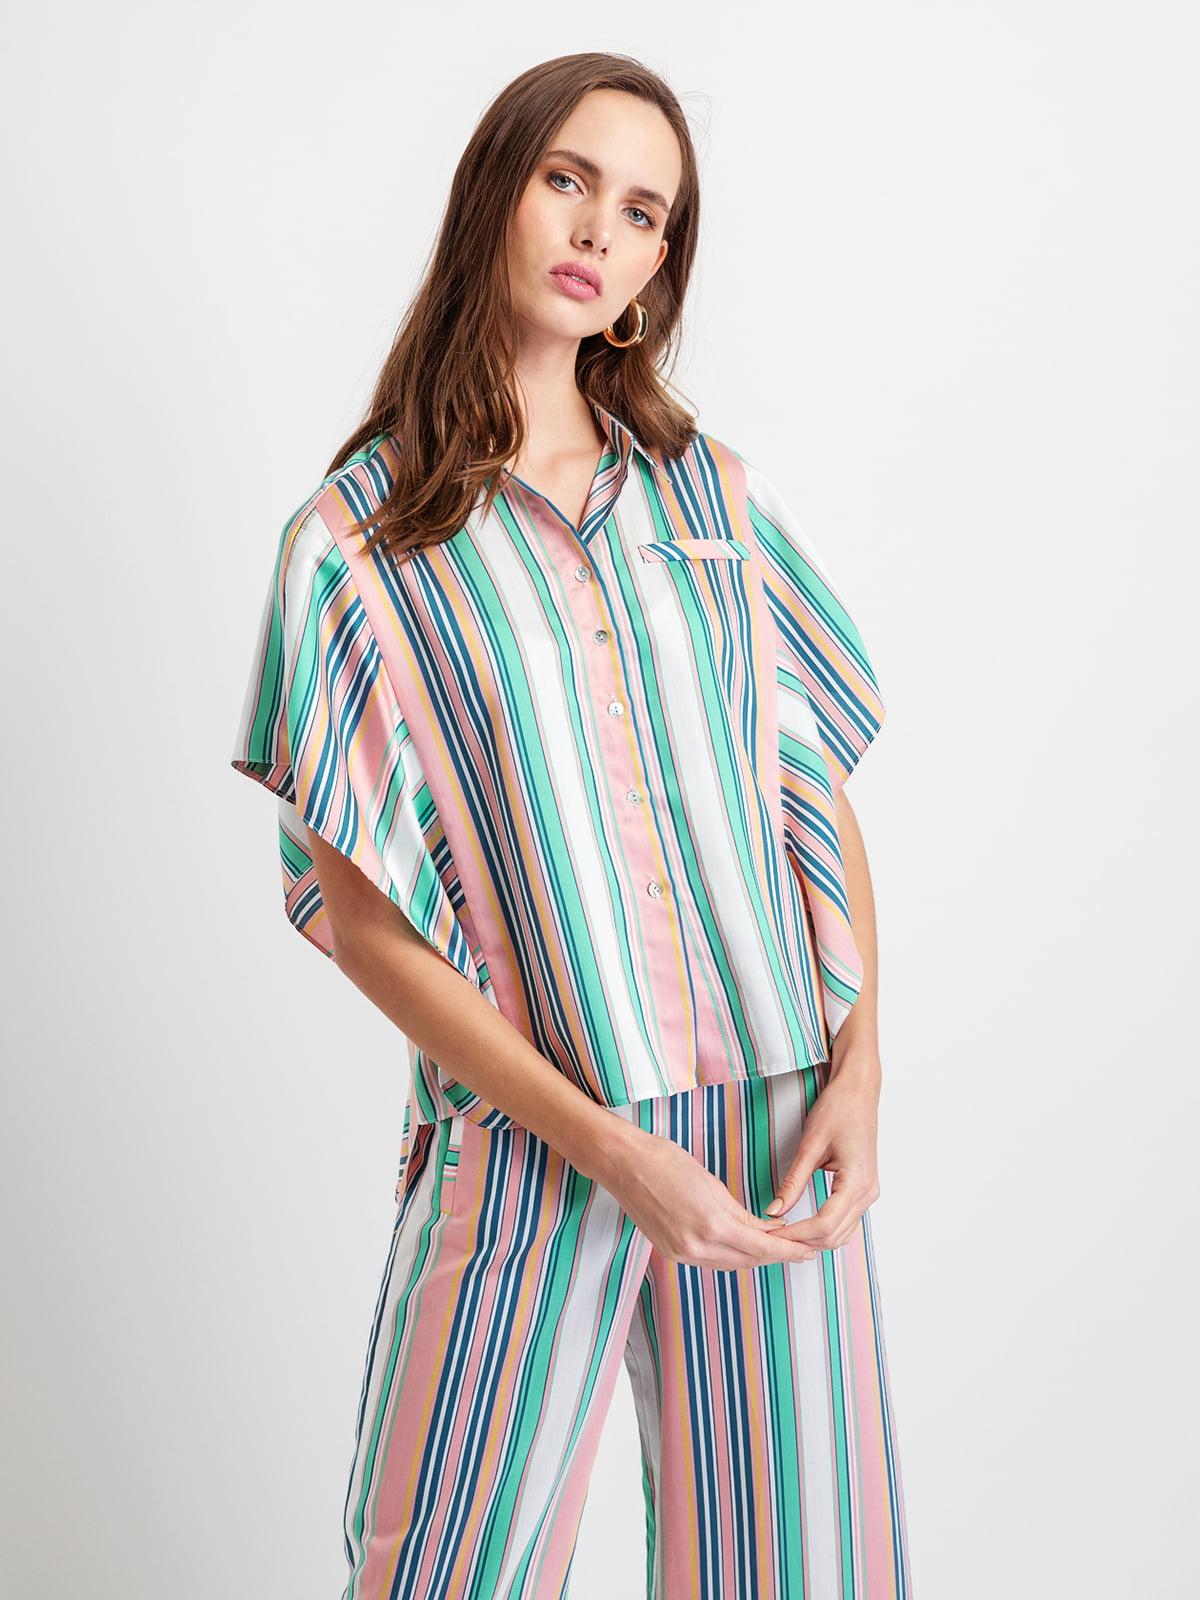 Рубашка разноцветная полосатая | 5096527